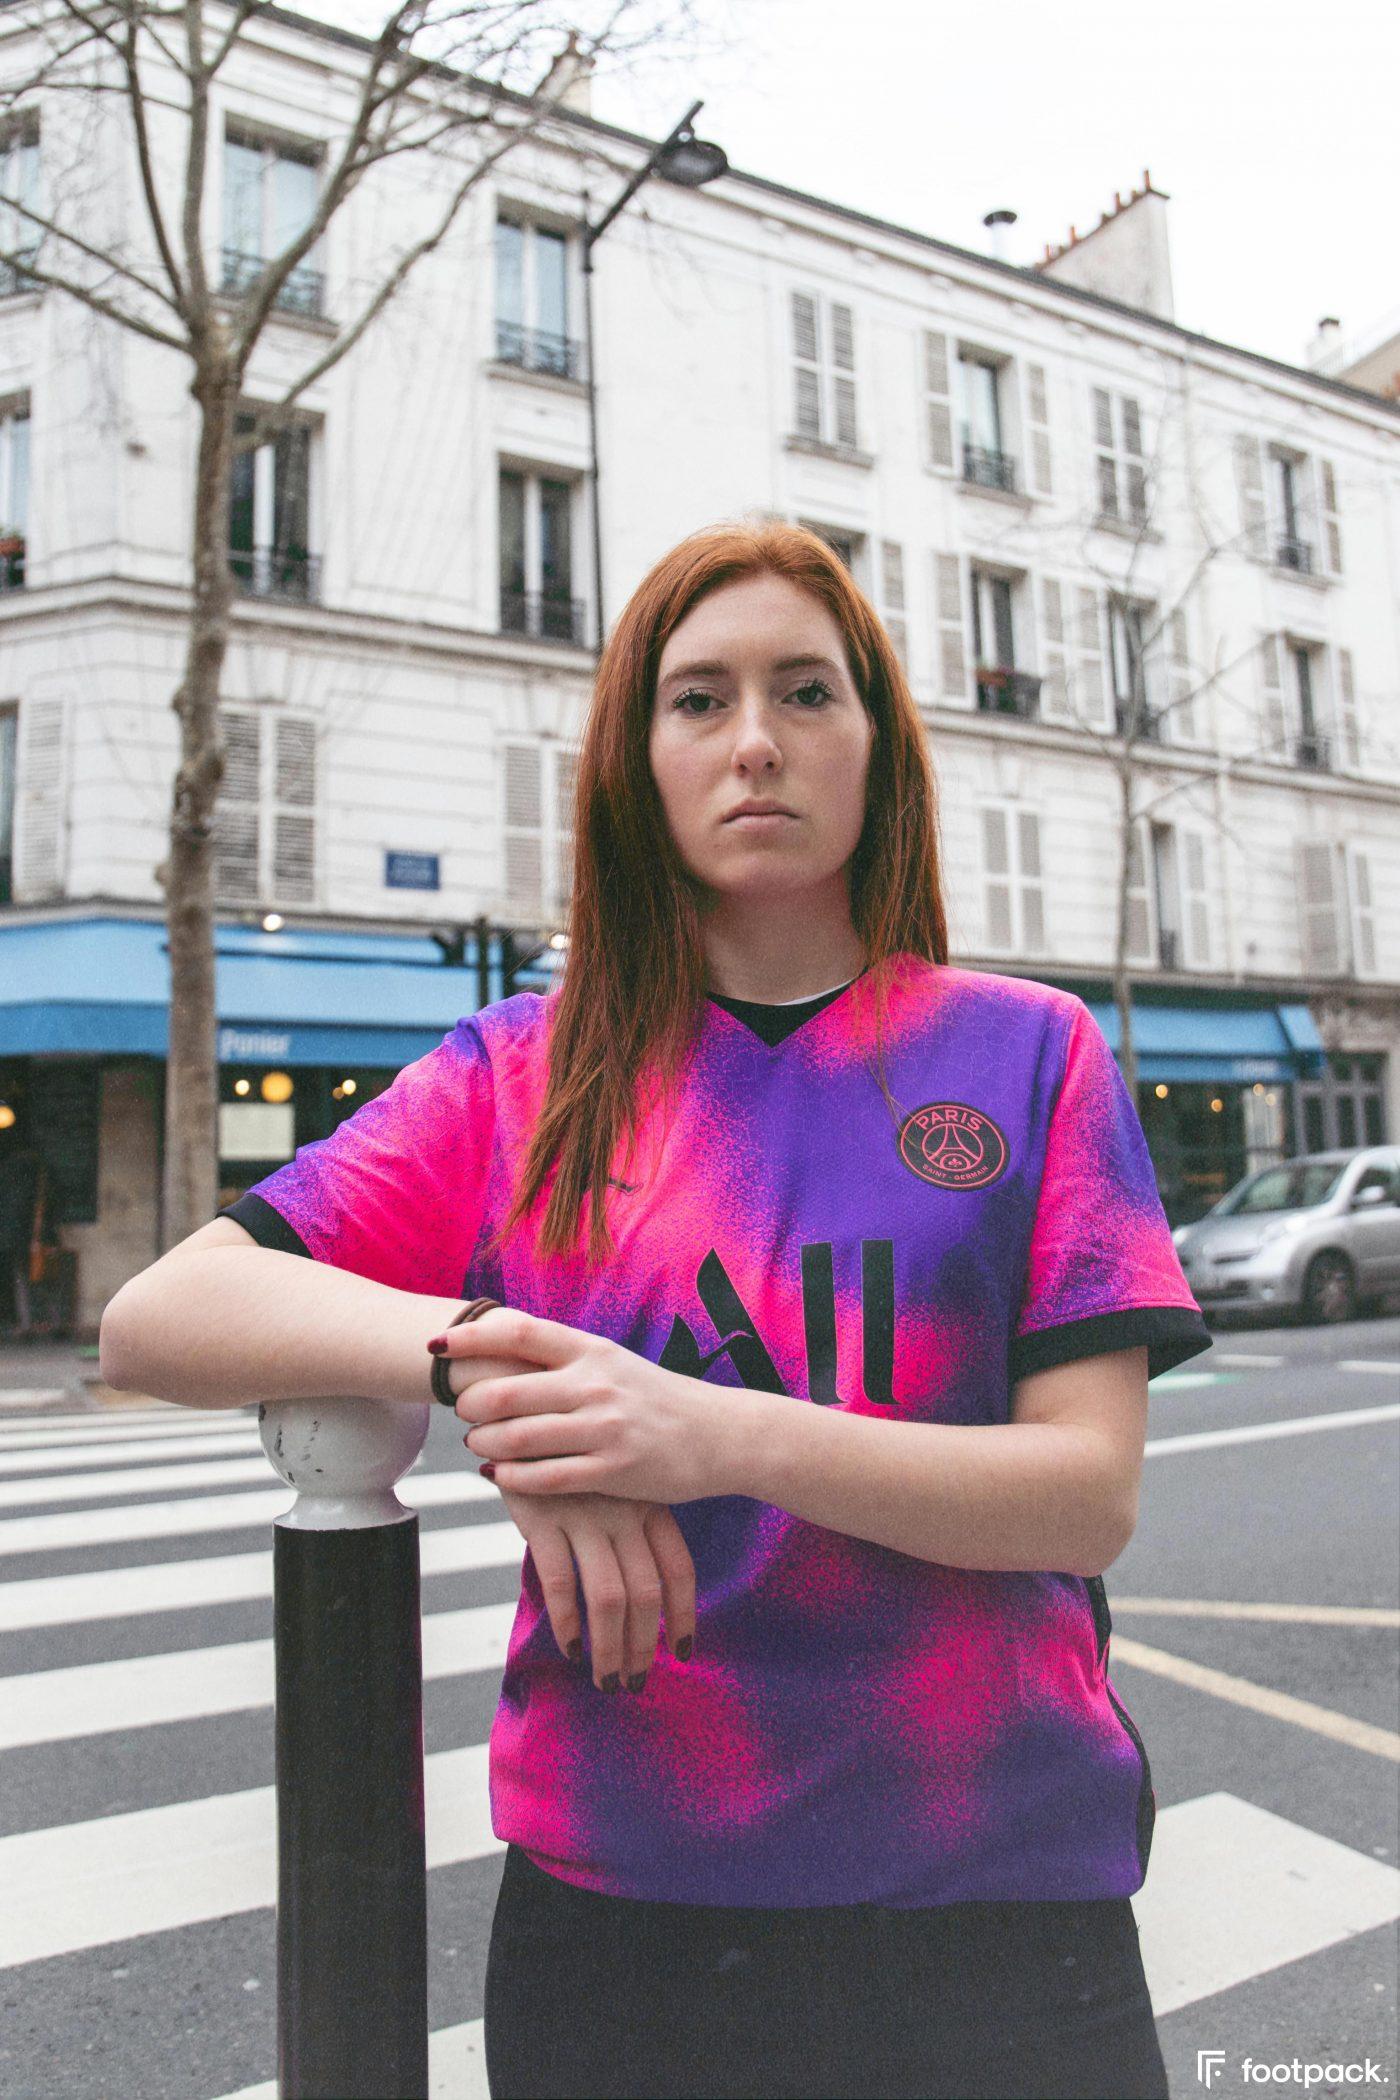 maillot-psg-jordan-rose-violet-2021-footpack-13